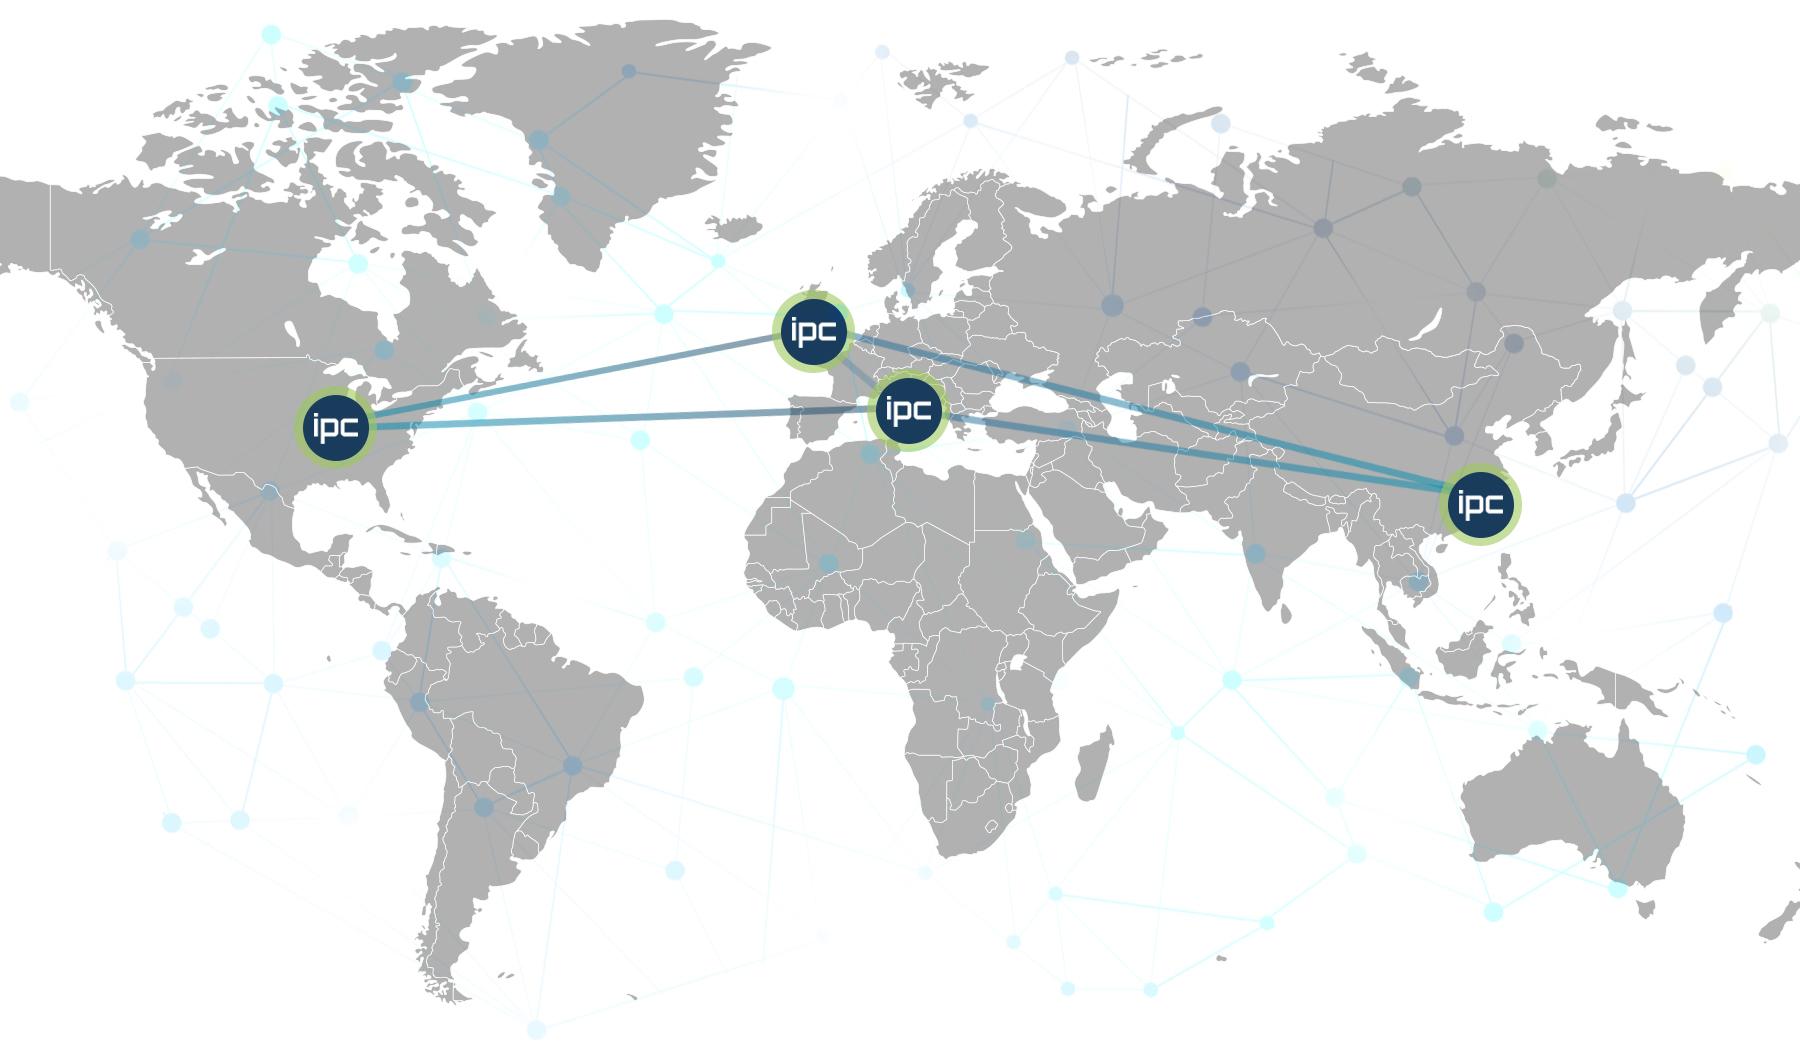 IPC global network